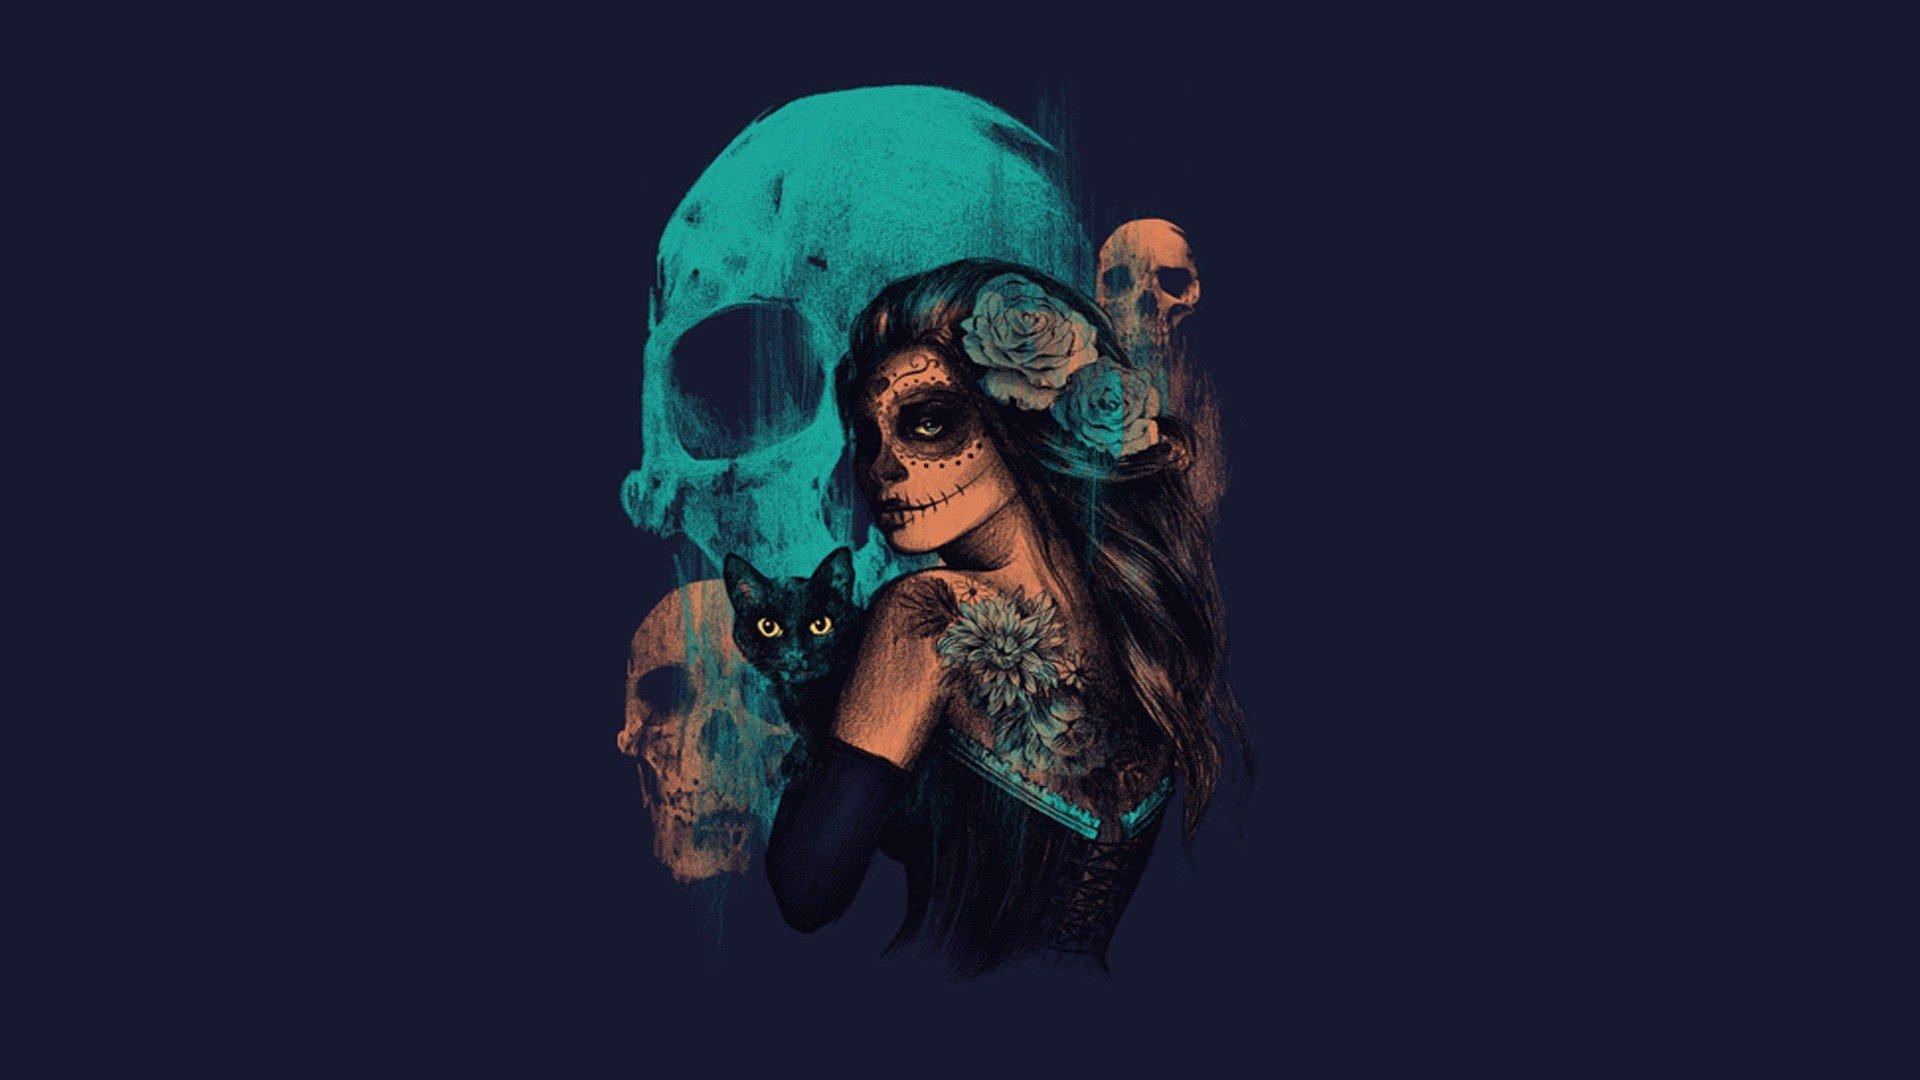 women-sugar-skull-skulls-artwork-fantasy-art